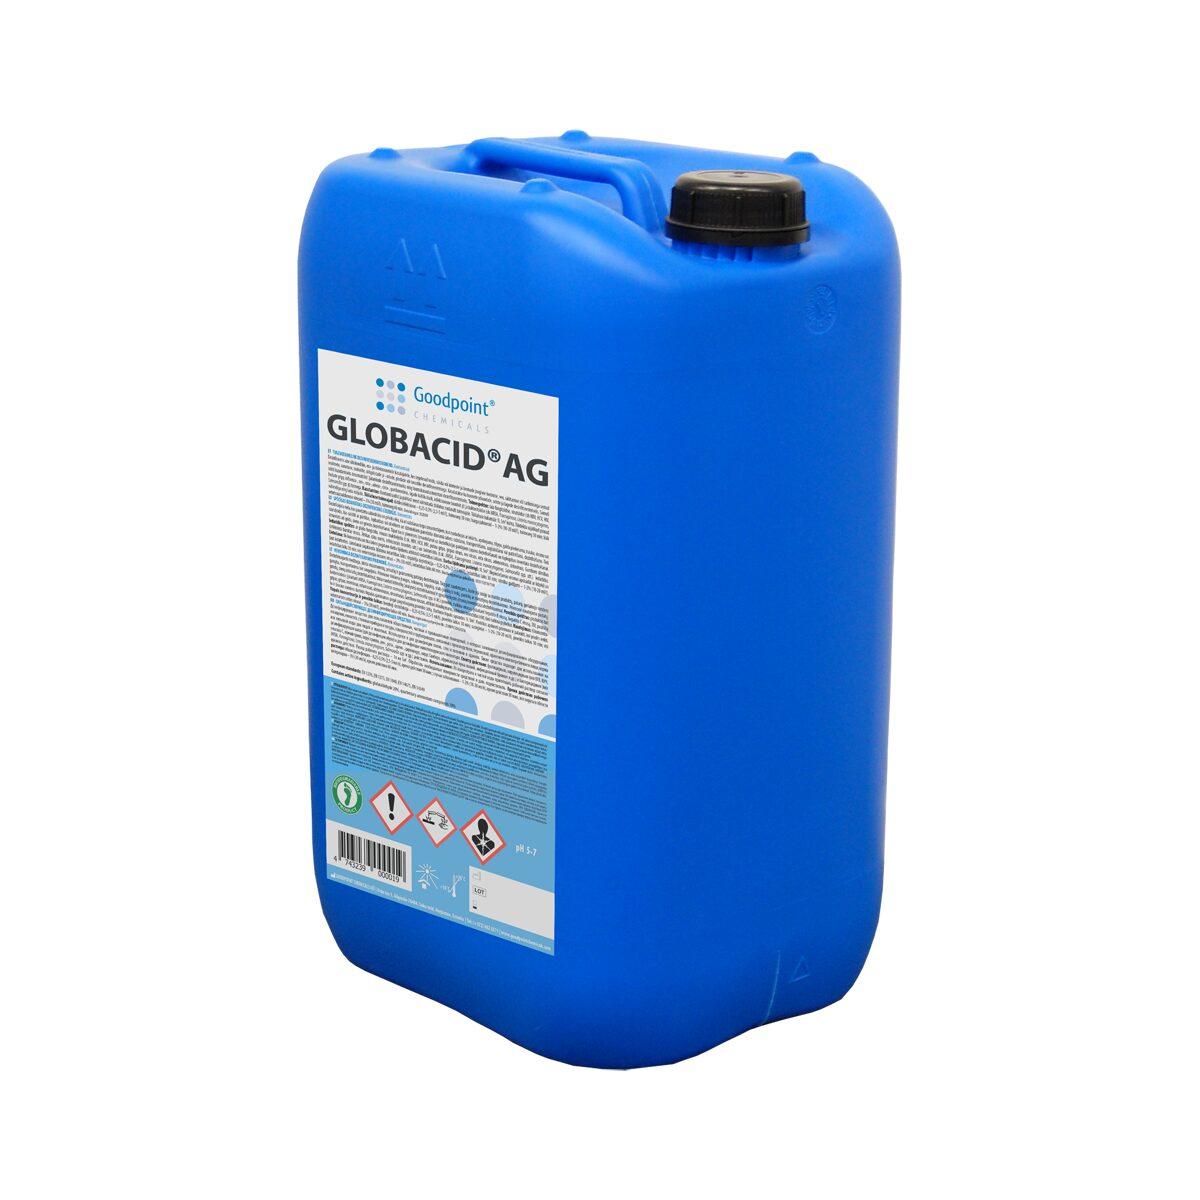 Globacid® AG on tehokas desinfiointiaine eläinsuojien ja muiden maatalousrakennusten